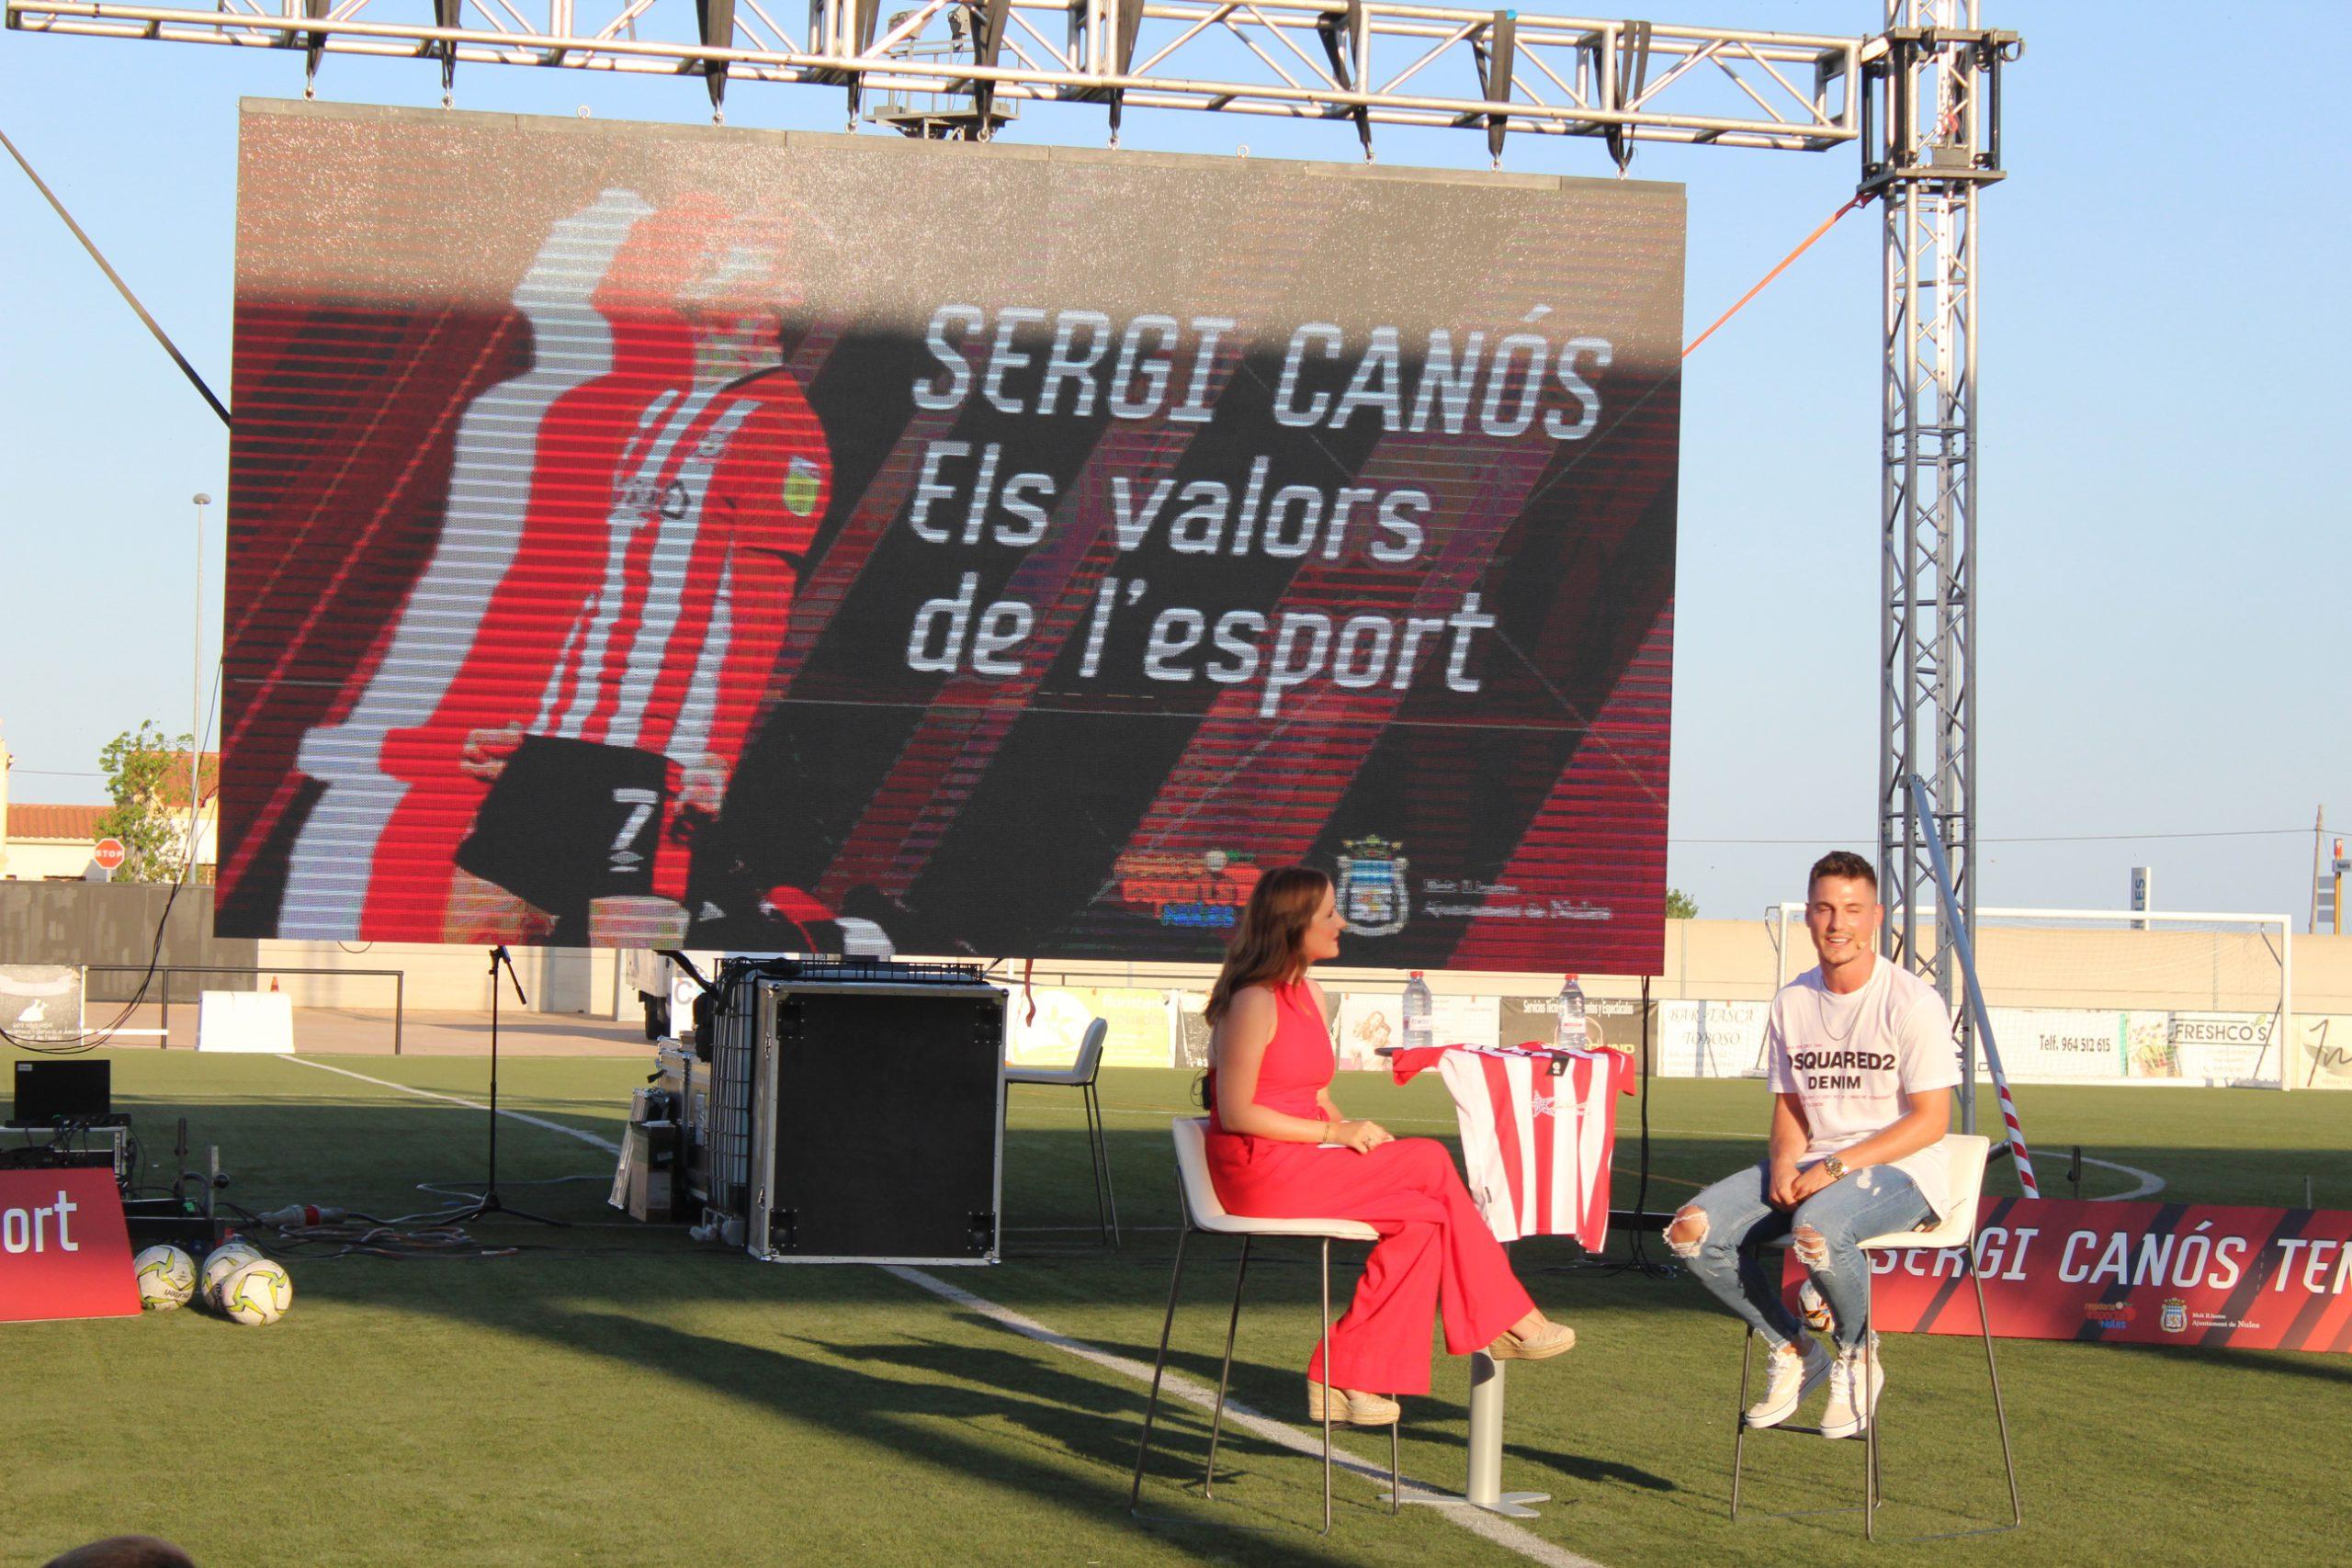 sergi_canos